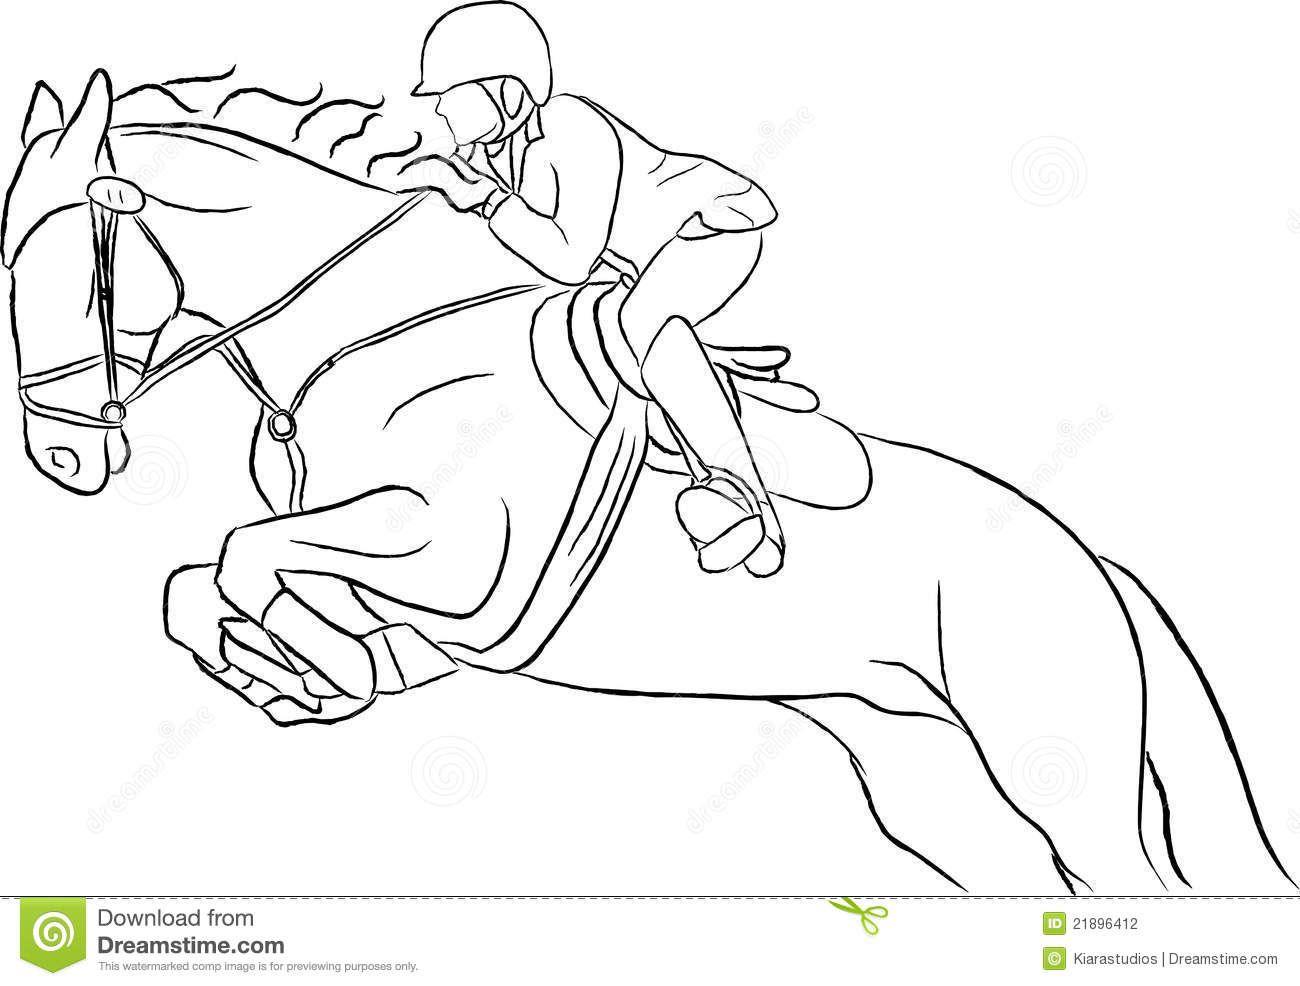 Pin Van Gabriela Bracchi Op Horses Paard Tekeningen Paarden Tekenen